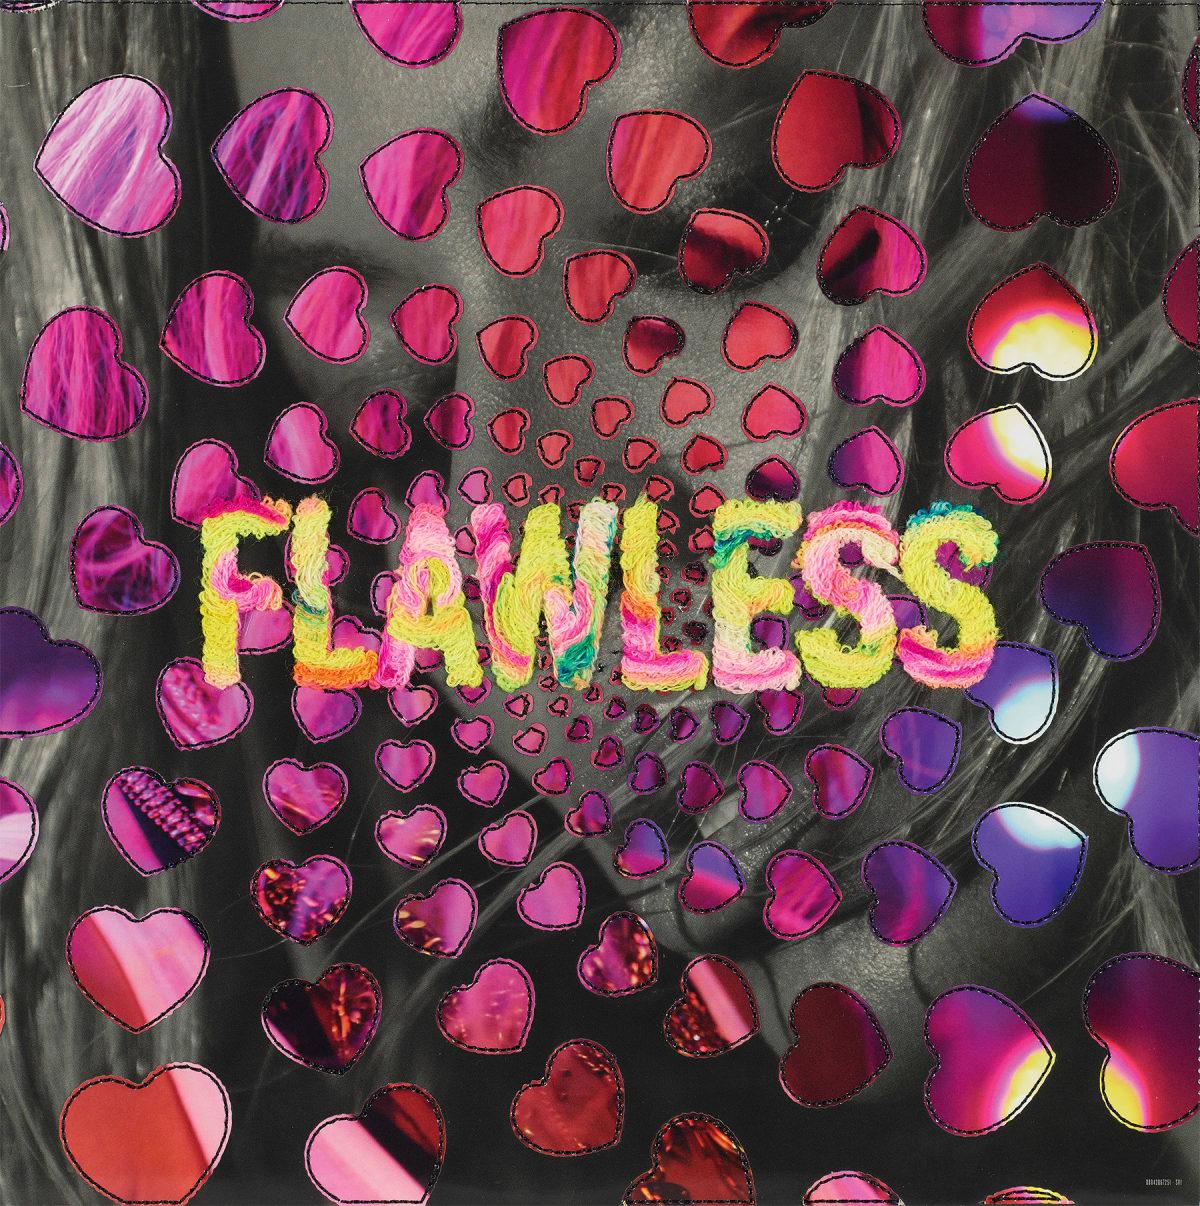 Stephen Wilson, Flawless, Beyonce , 2019